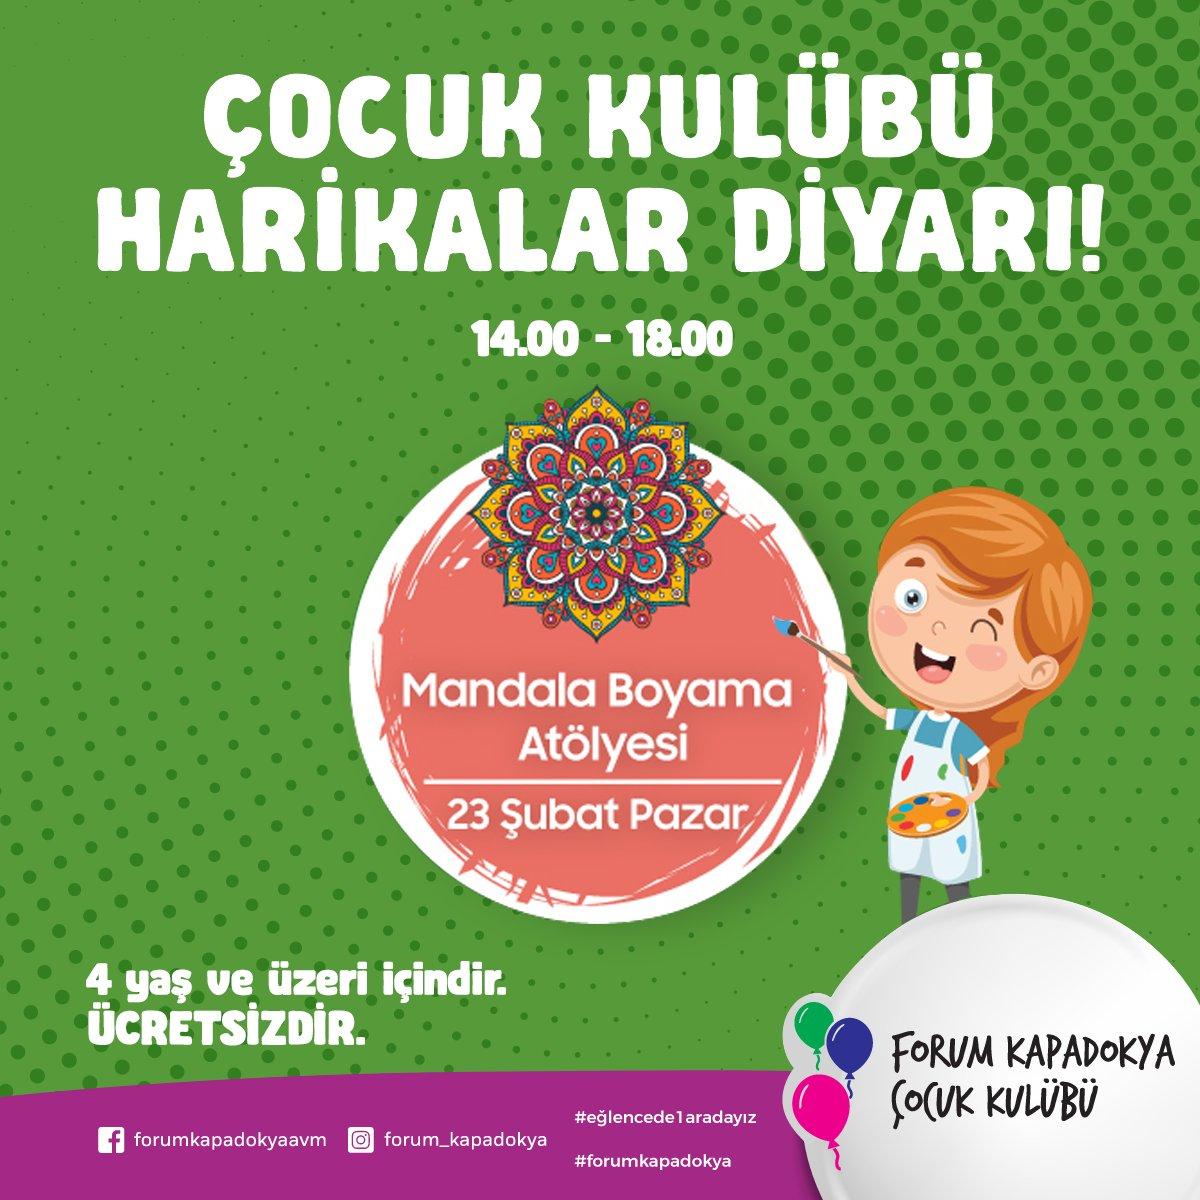 Forum Kapadokya On Twitter Forum Kapadokya Cocuk Kulubu Bu Hafta